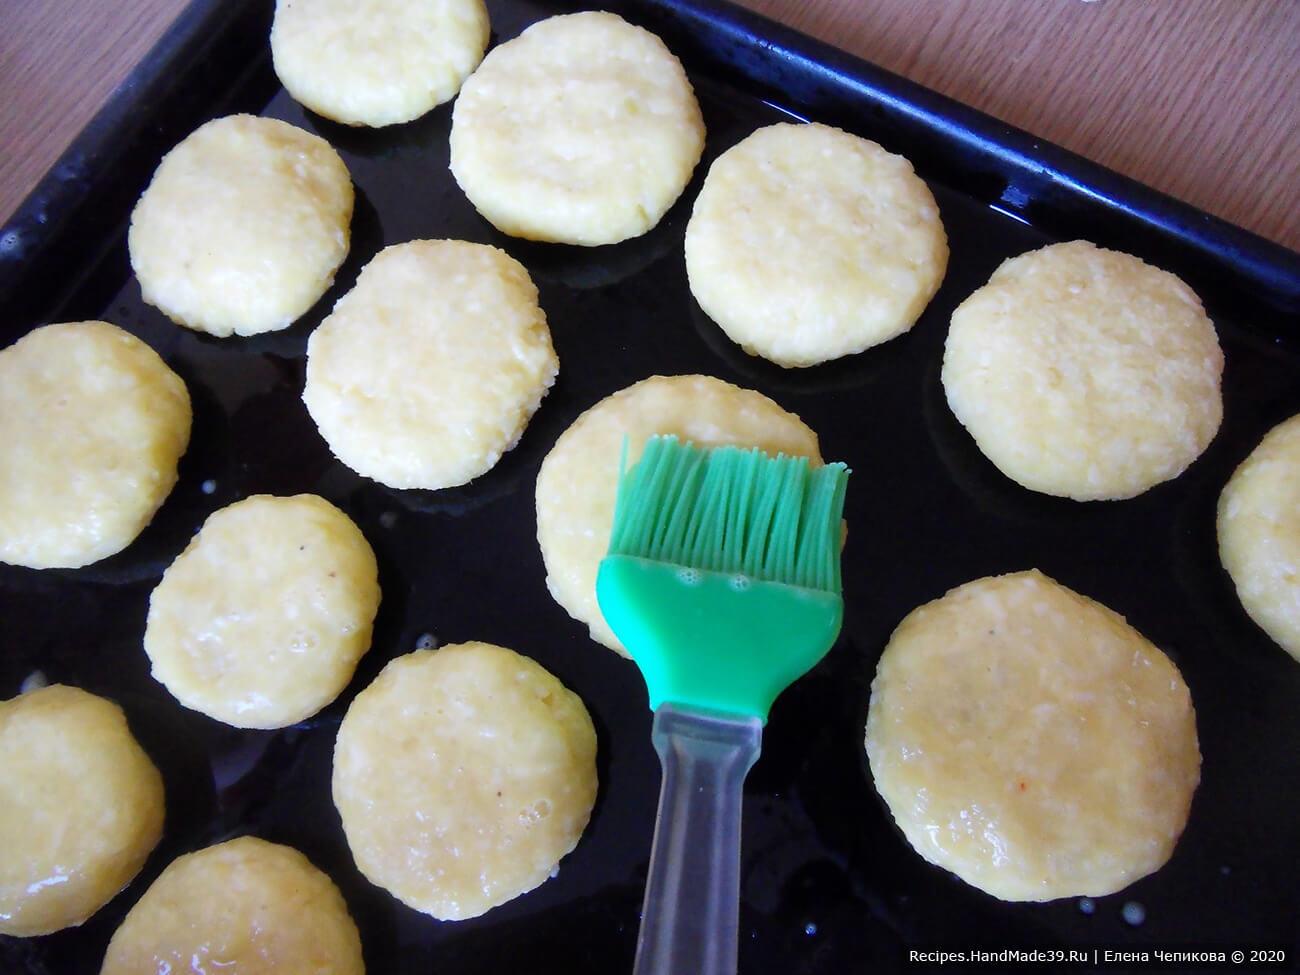 Каждый оладушек смазать яйцом с помощью кулинарной кисти